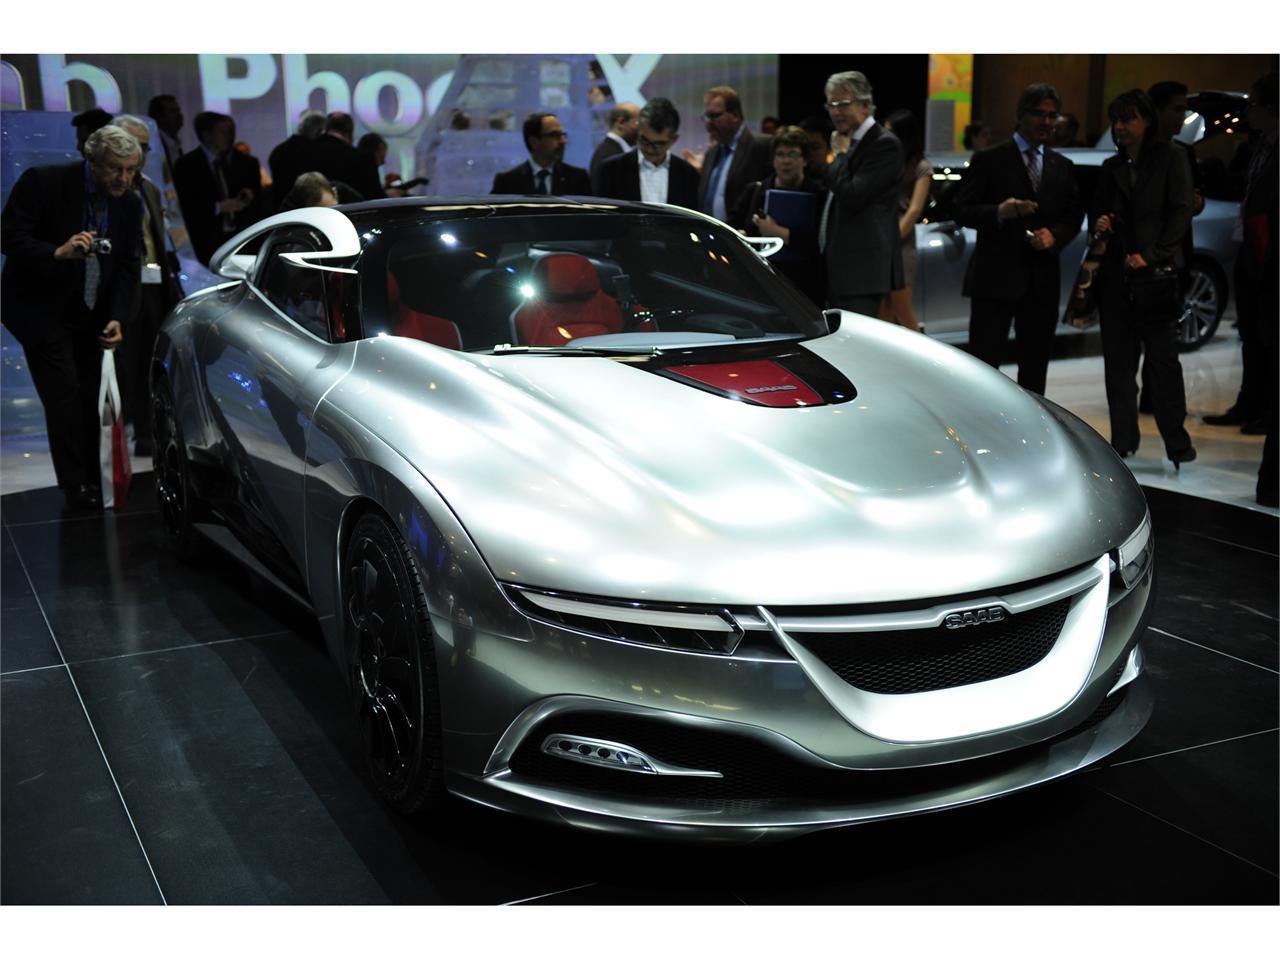 FERIA INTERNACIONAL DEL AUTOMOVILISMO,AUTOS TUNING-http://a.ccdn.es/cnet/contents/media/SAAB/254200.jpg